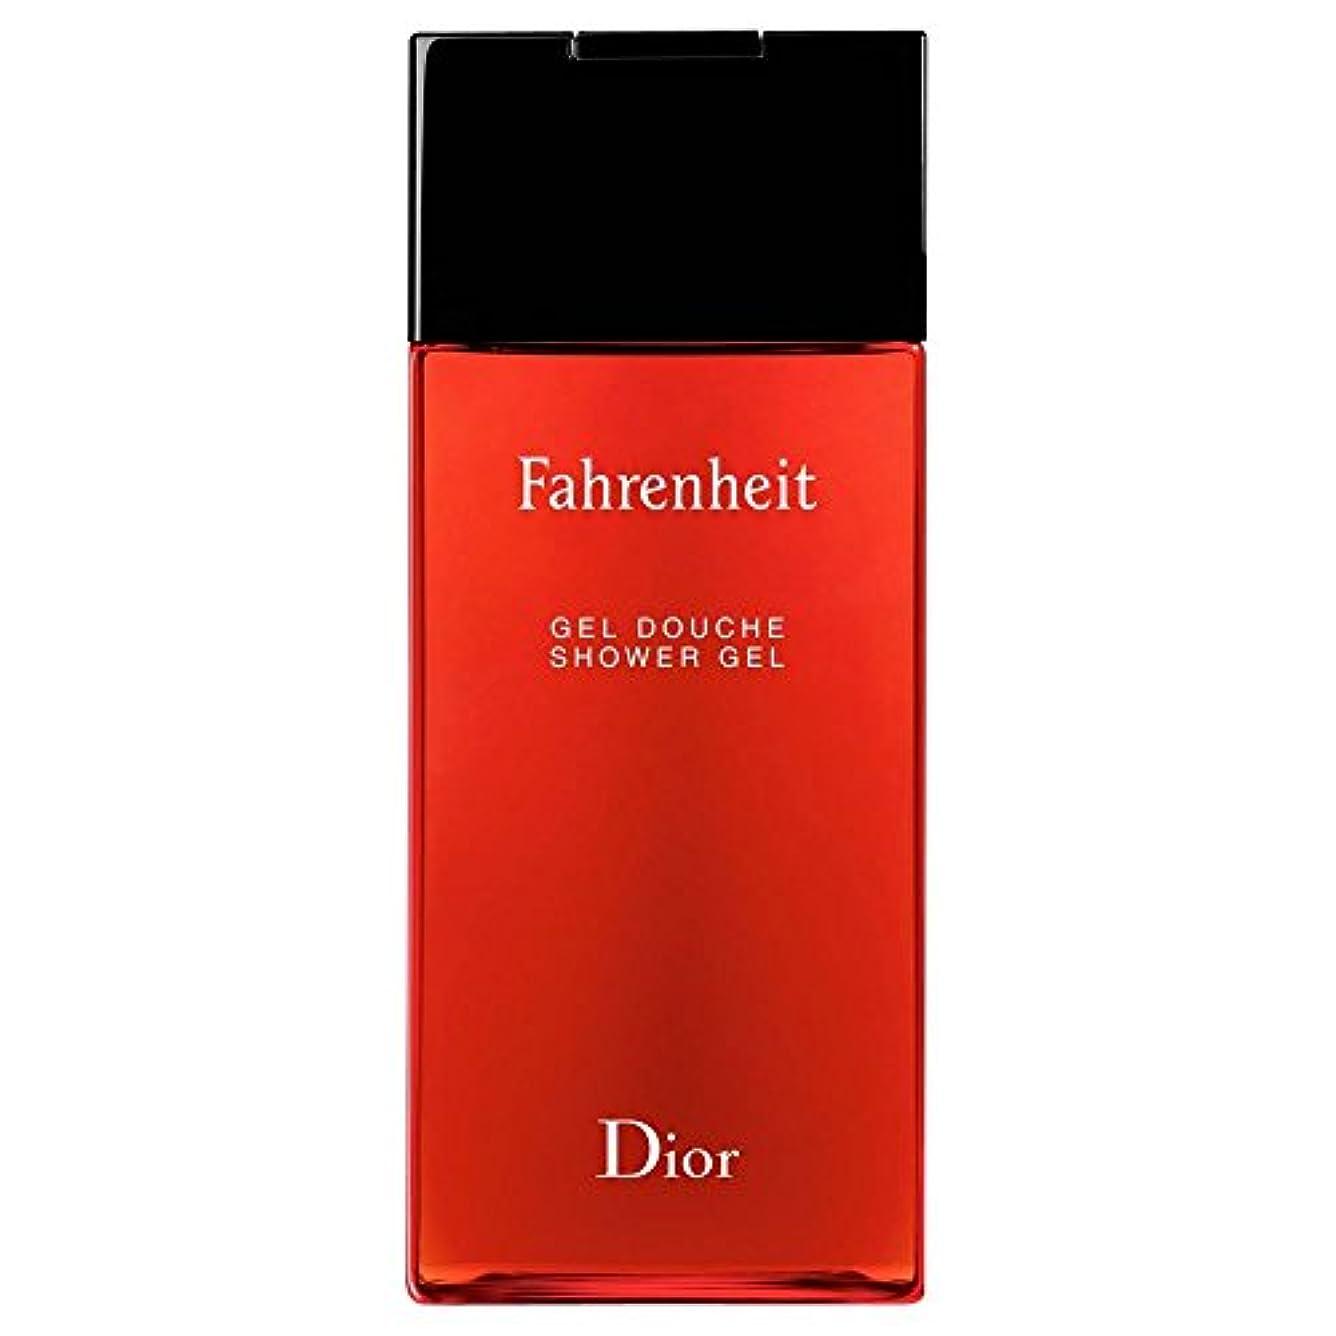 メンダシティ達成戦士[Dior] ディオール華氏発泡シャワージェル200Ml - Dior Fahrenheit Foaming Shower Gel 200ml [並行輸入品]